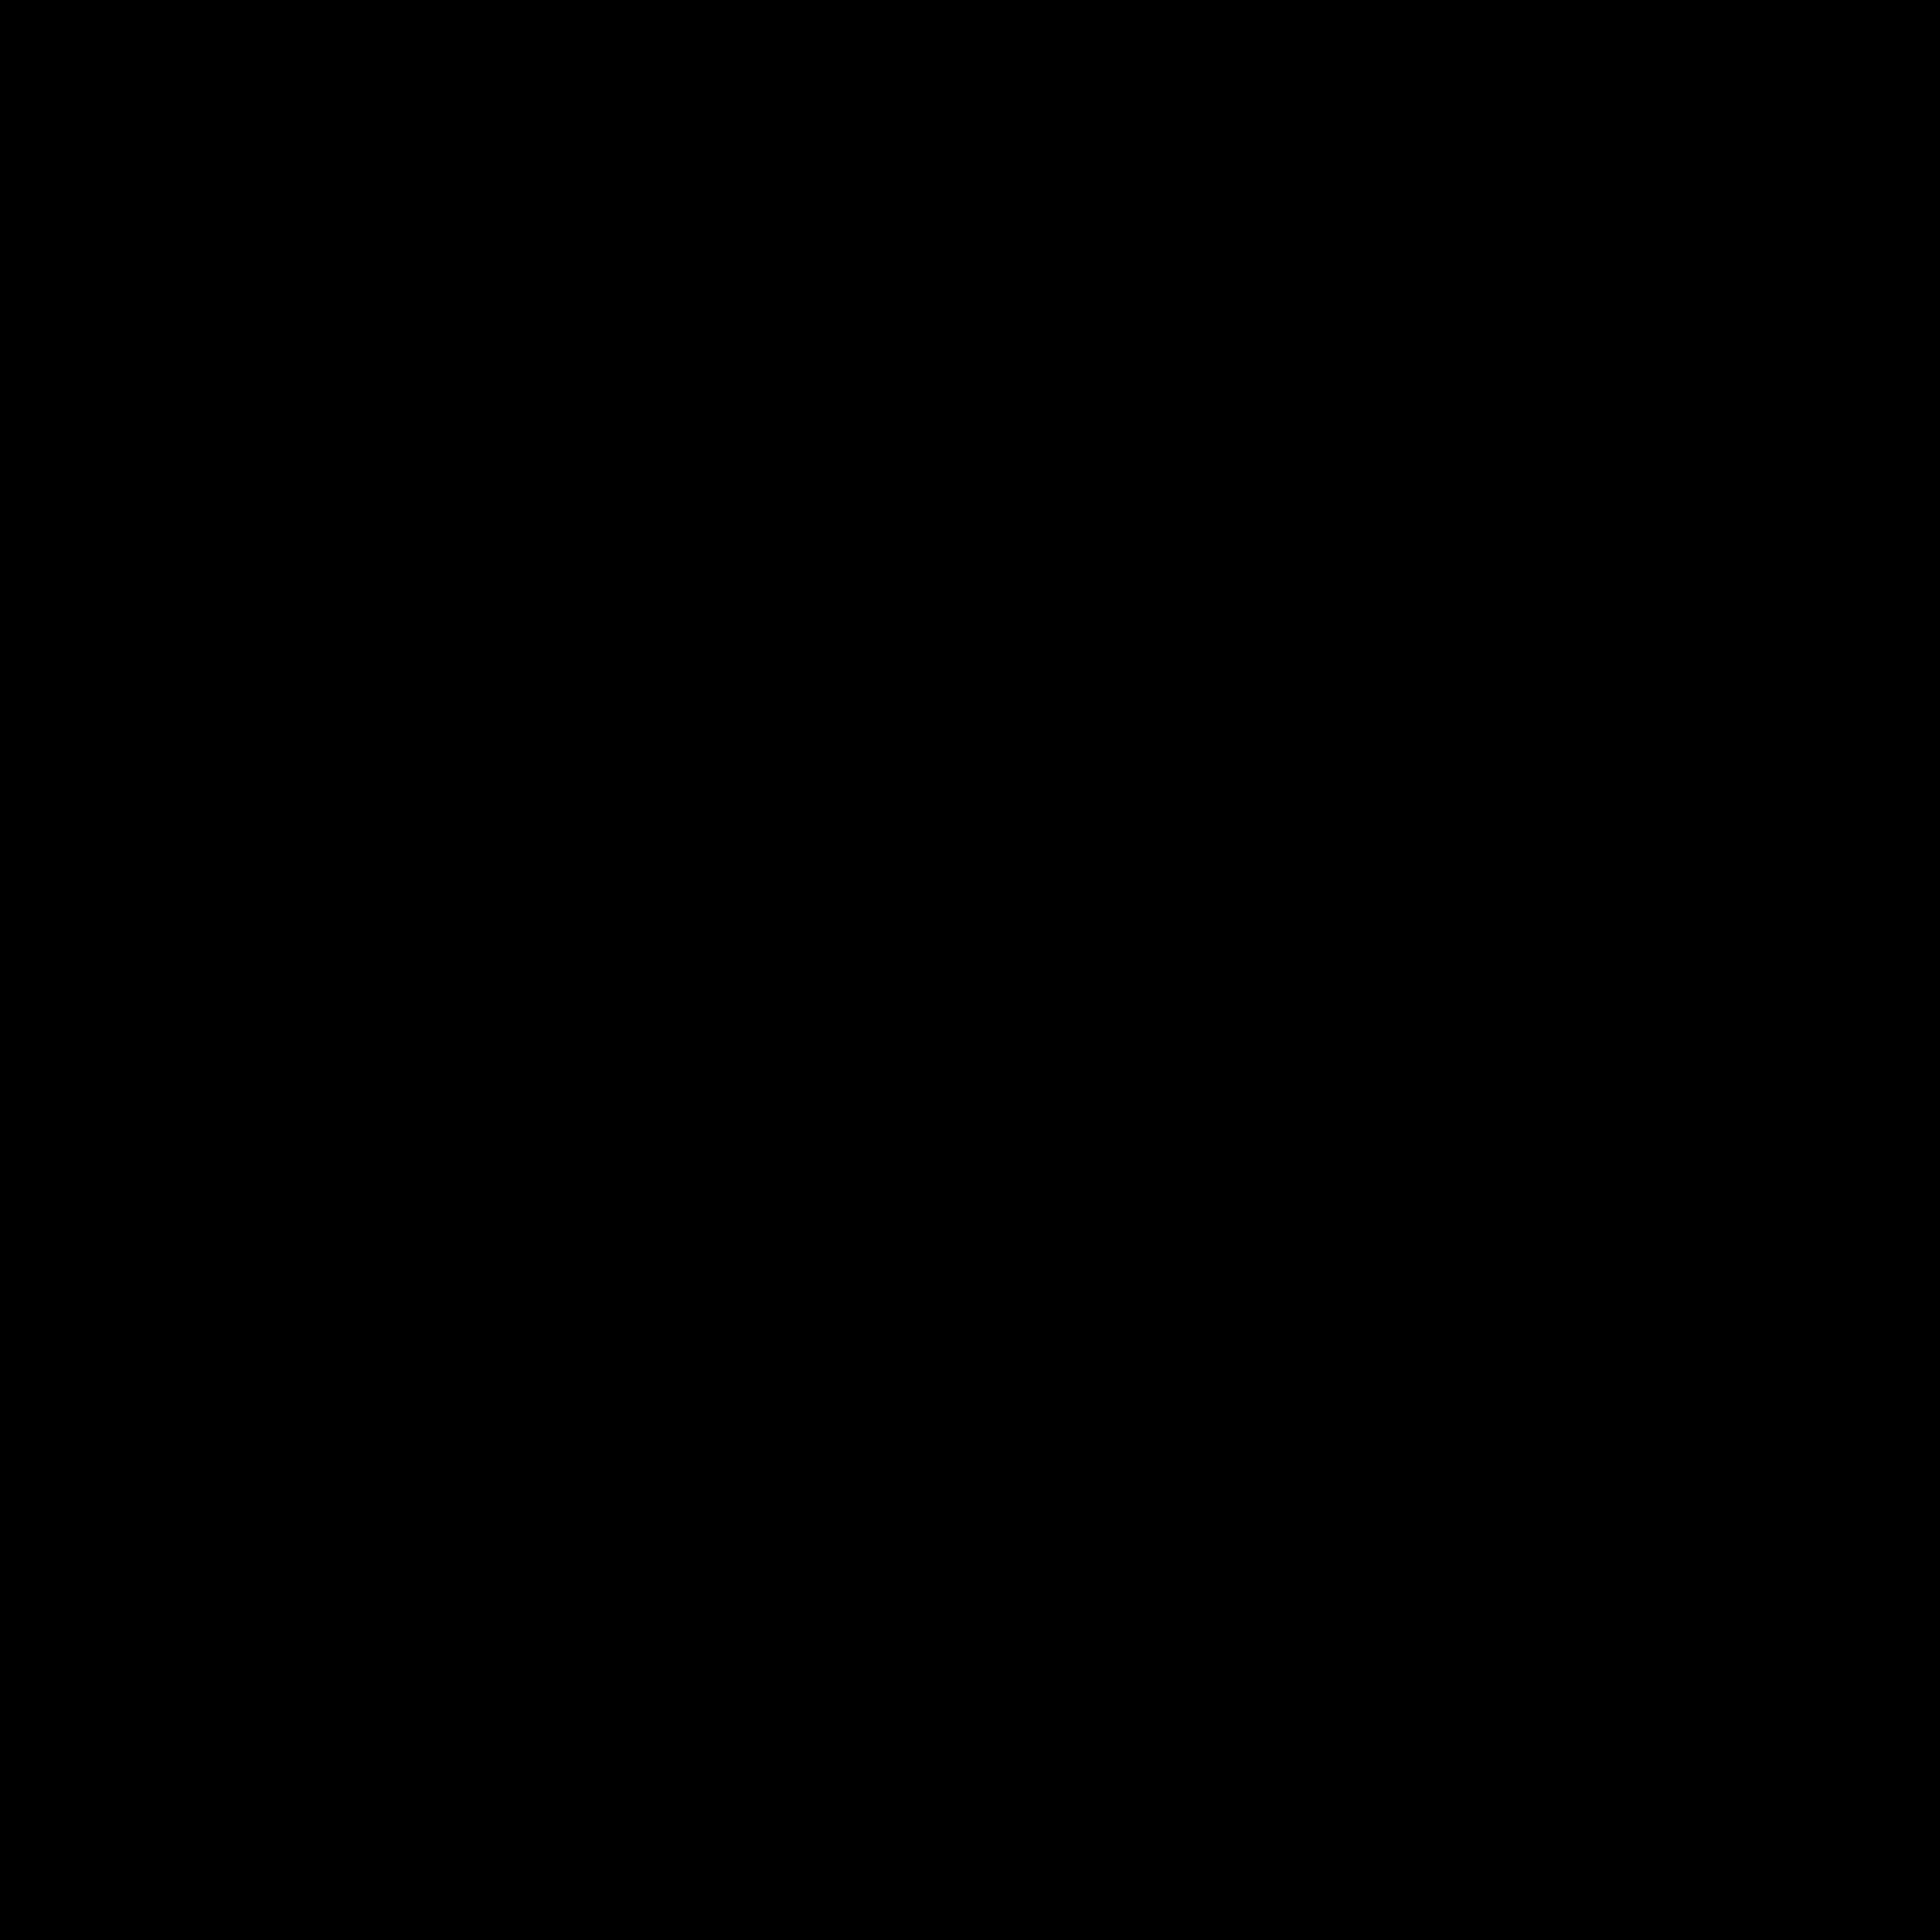 zodiac line art by contntlbreakfst on deviantart